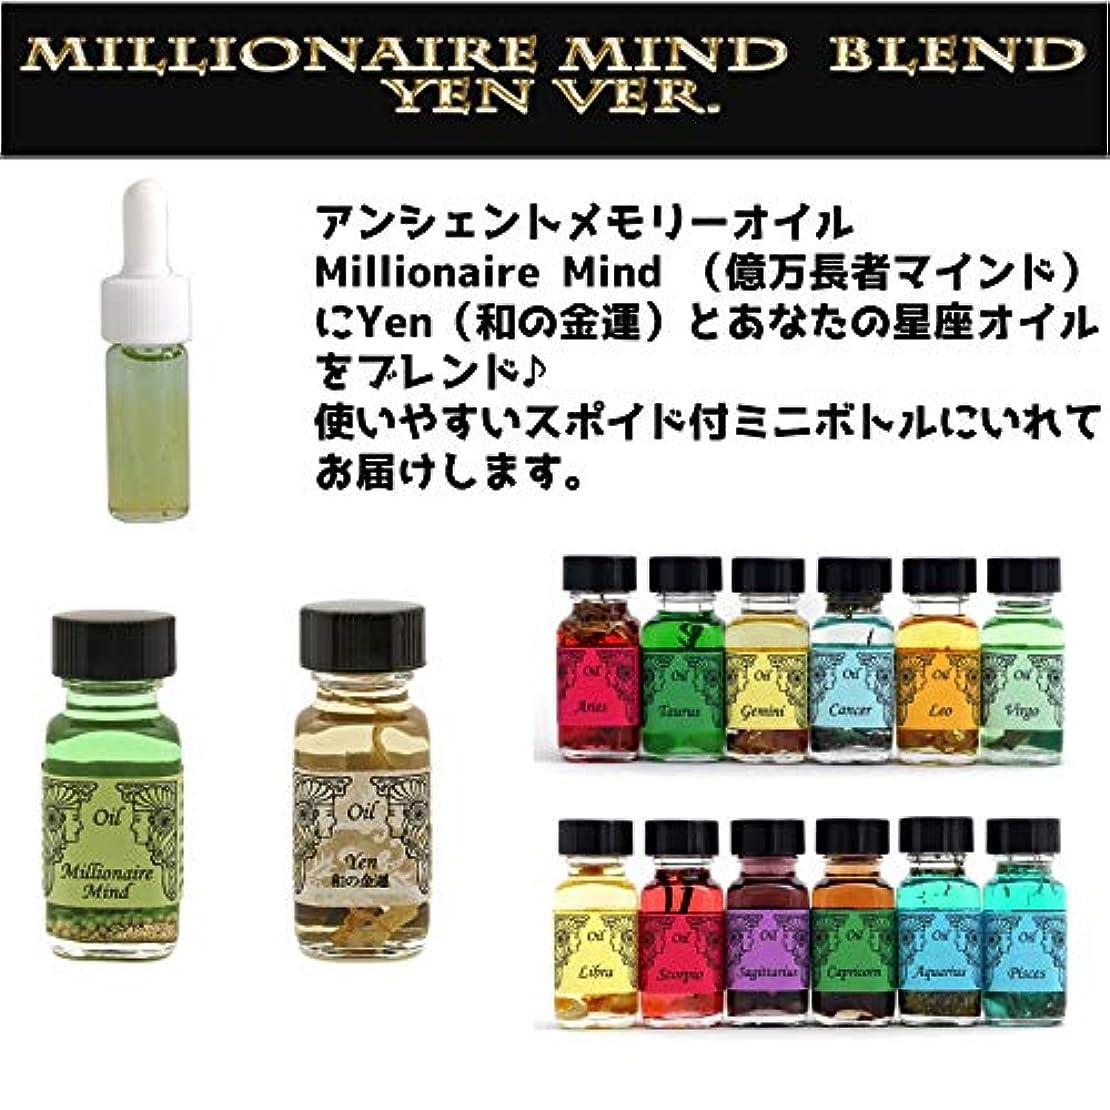 ファームファイター中間アンシェントメモリーオイル Millionaire Mind 億万長者マインド ブレンド【Yen 和の金運&しし座】